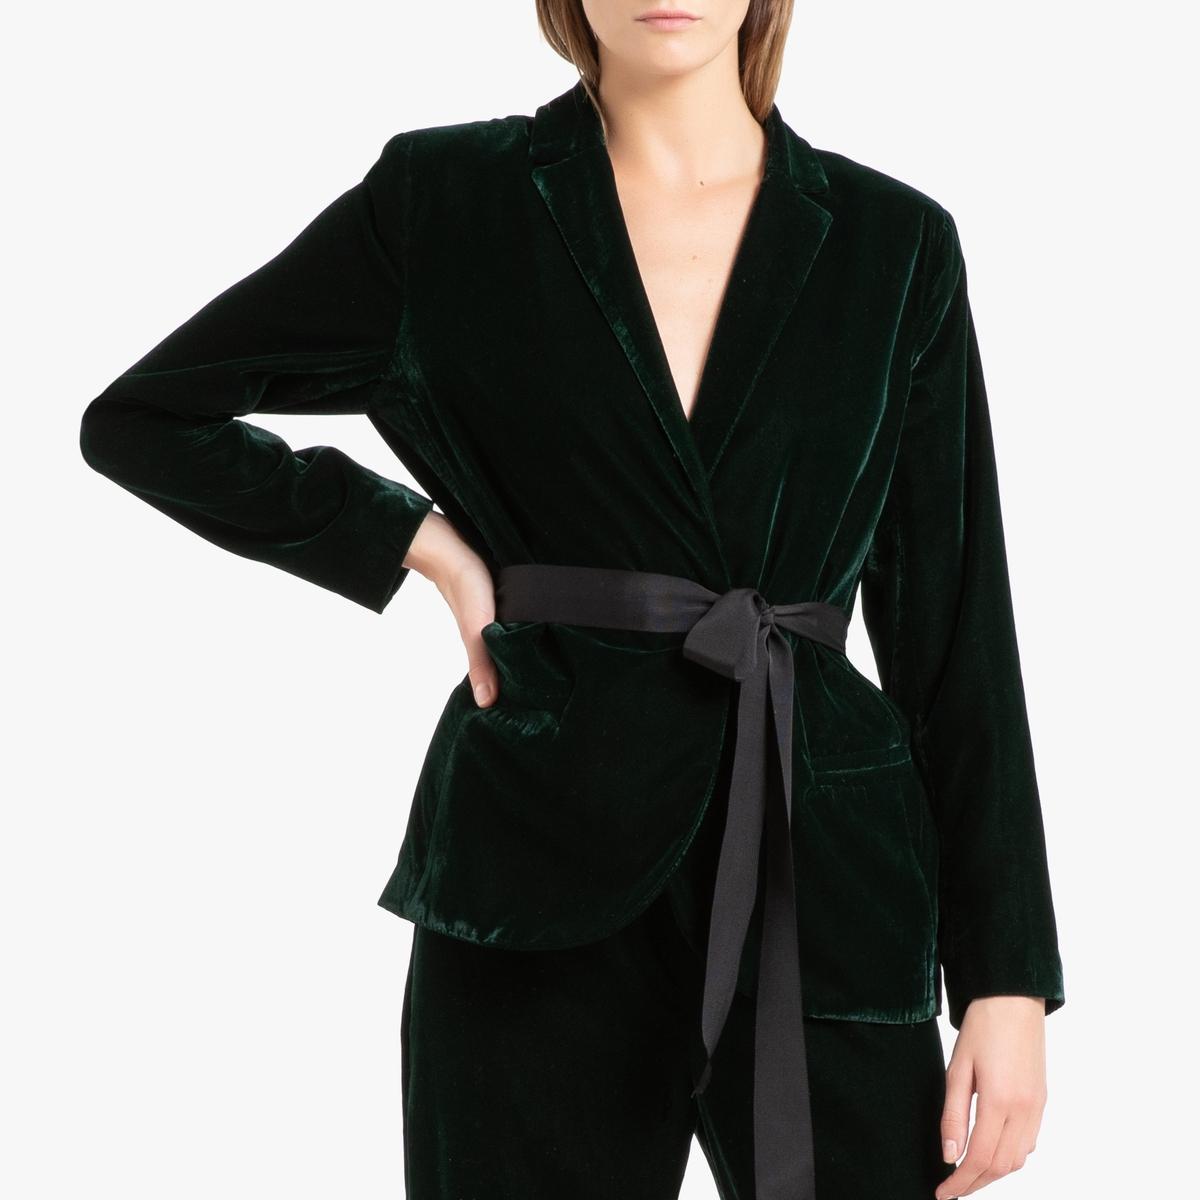 Блейзер La Redoute Прямого покроя из велюра WILFRIED S зеленый платье прямого покроя средней длины с капюшоном из велюра